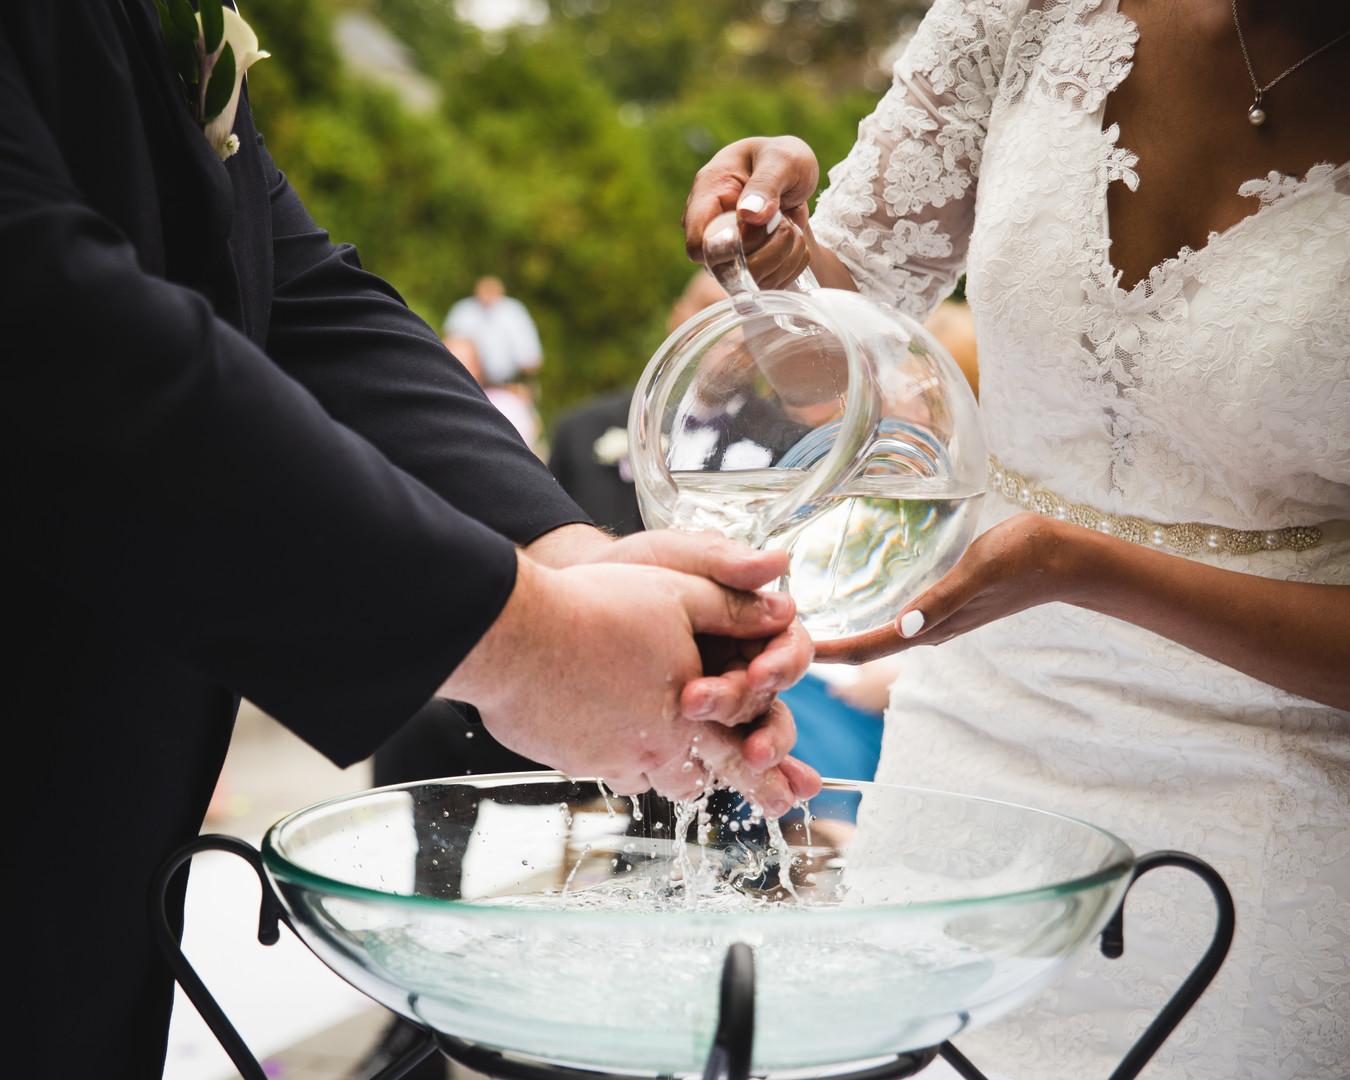 wedding hand washing ceremony - ct wedding photographers